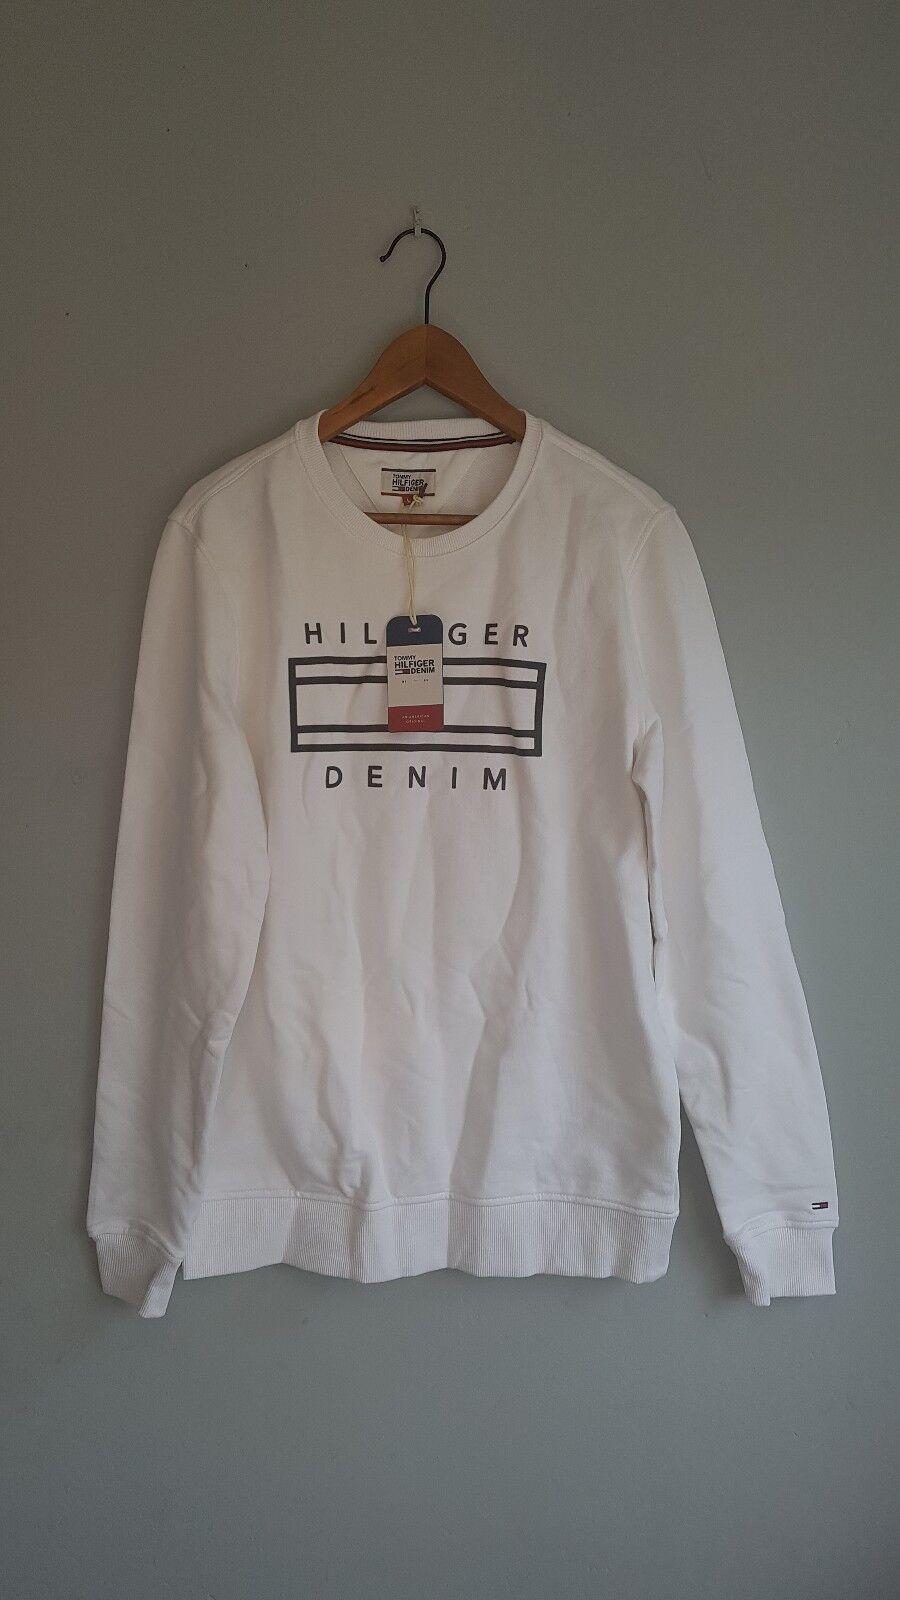 Tommy Hilfiger Denim Men Sweatshirt Weiß Logo Fleece Pullover Jumper Größe L NWT